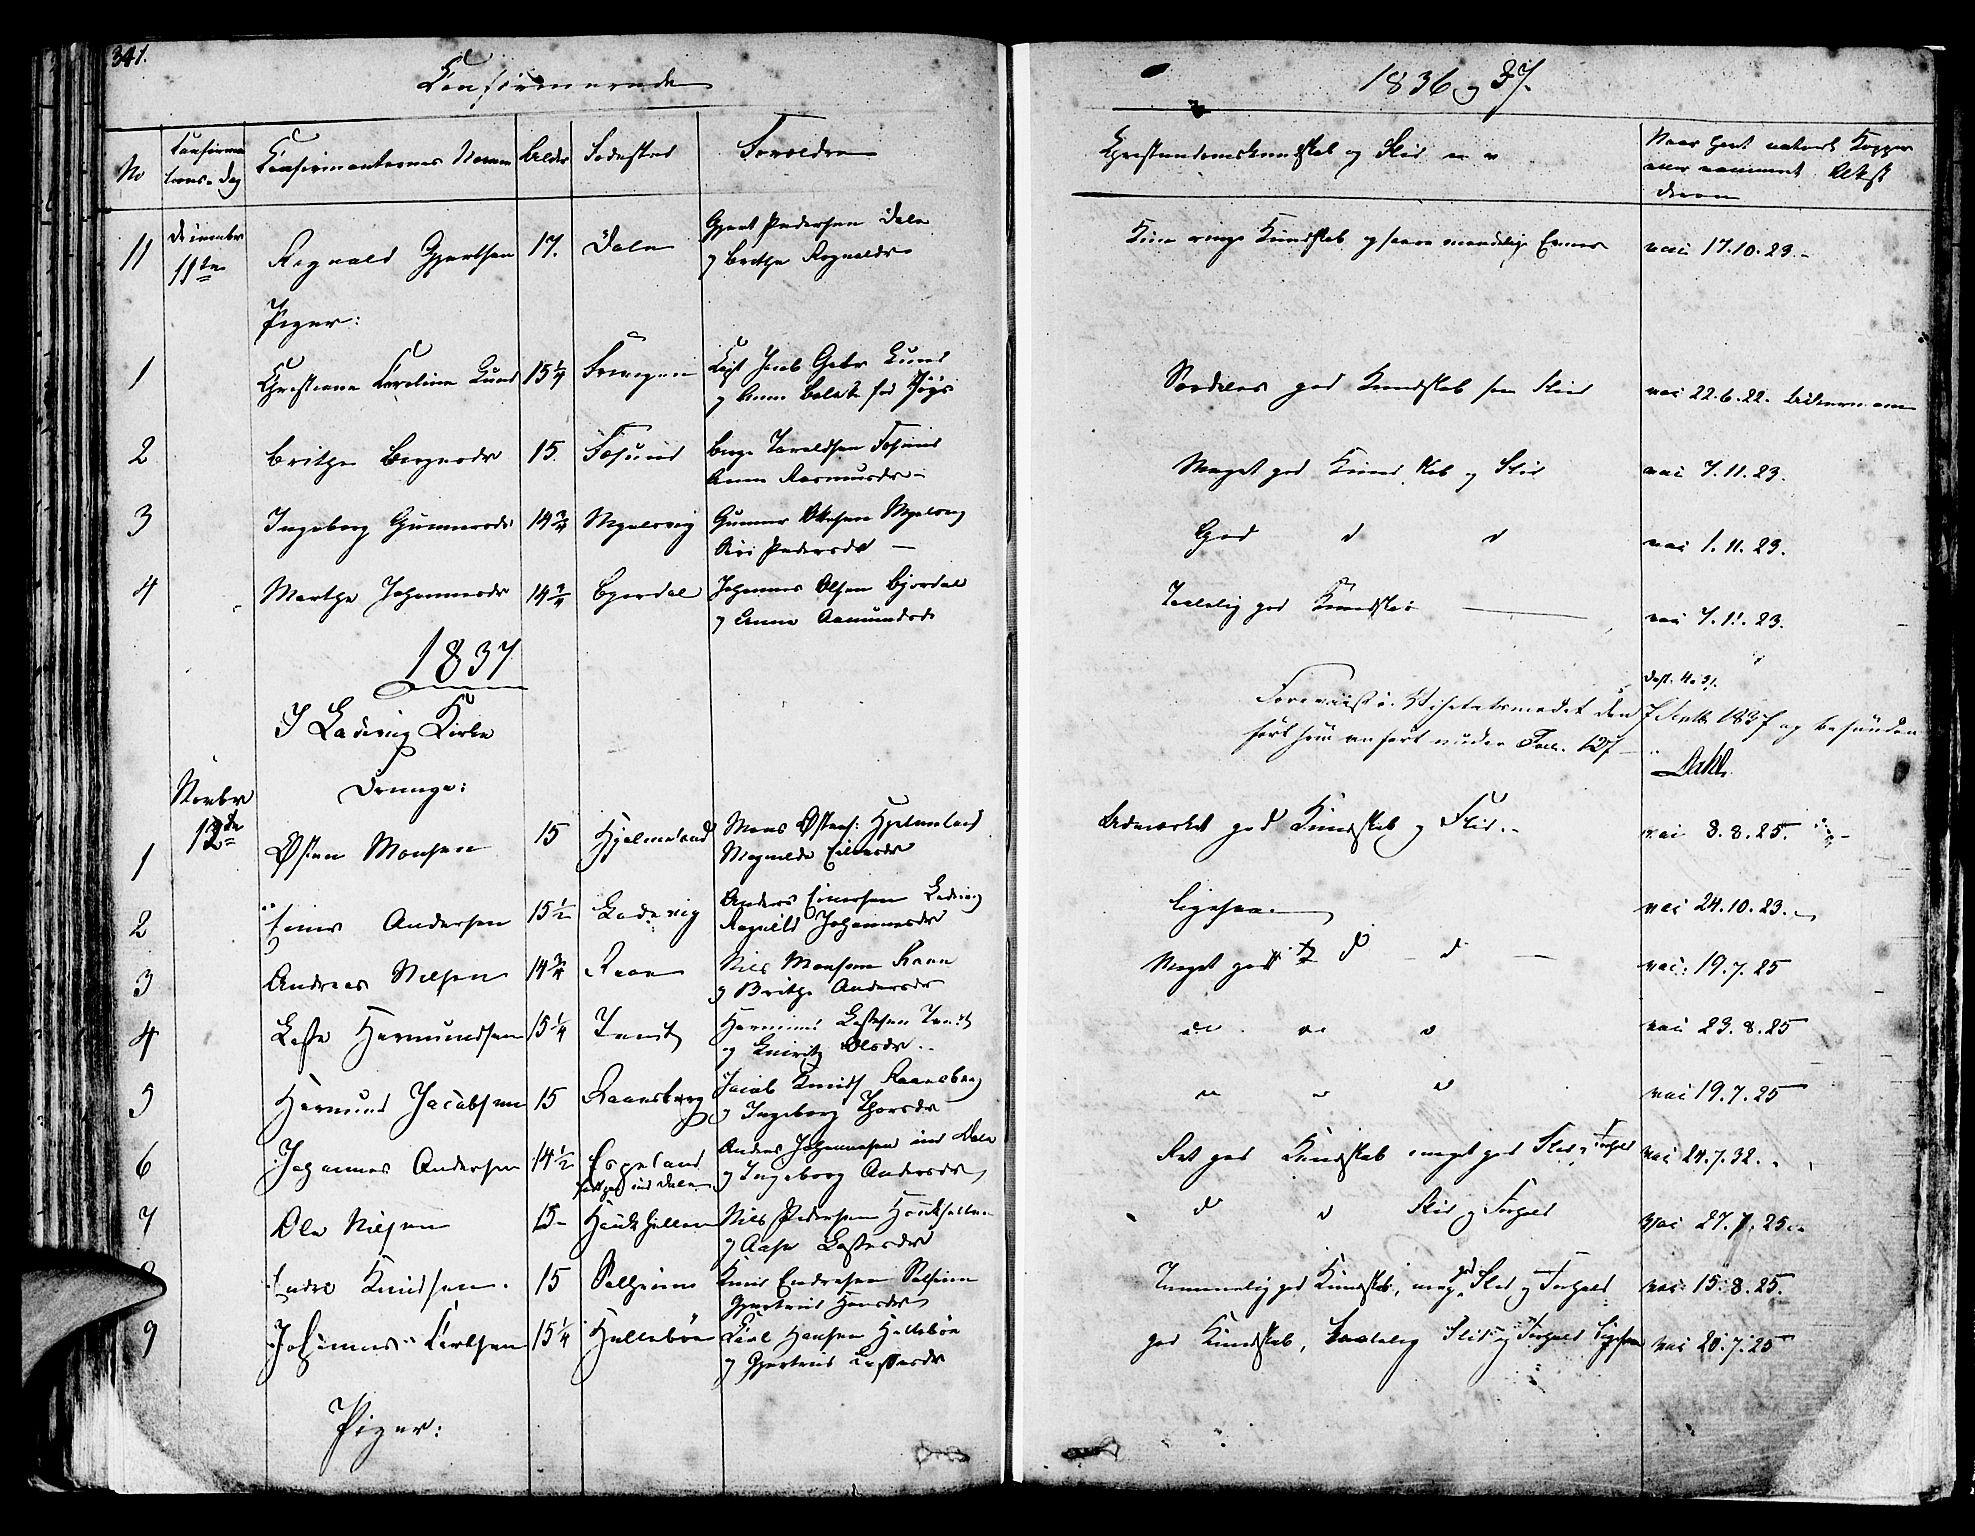 SAB, Lavik sokneprestembete, Ministerialbok nr. A 2I, 1821-1842, s. 341